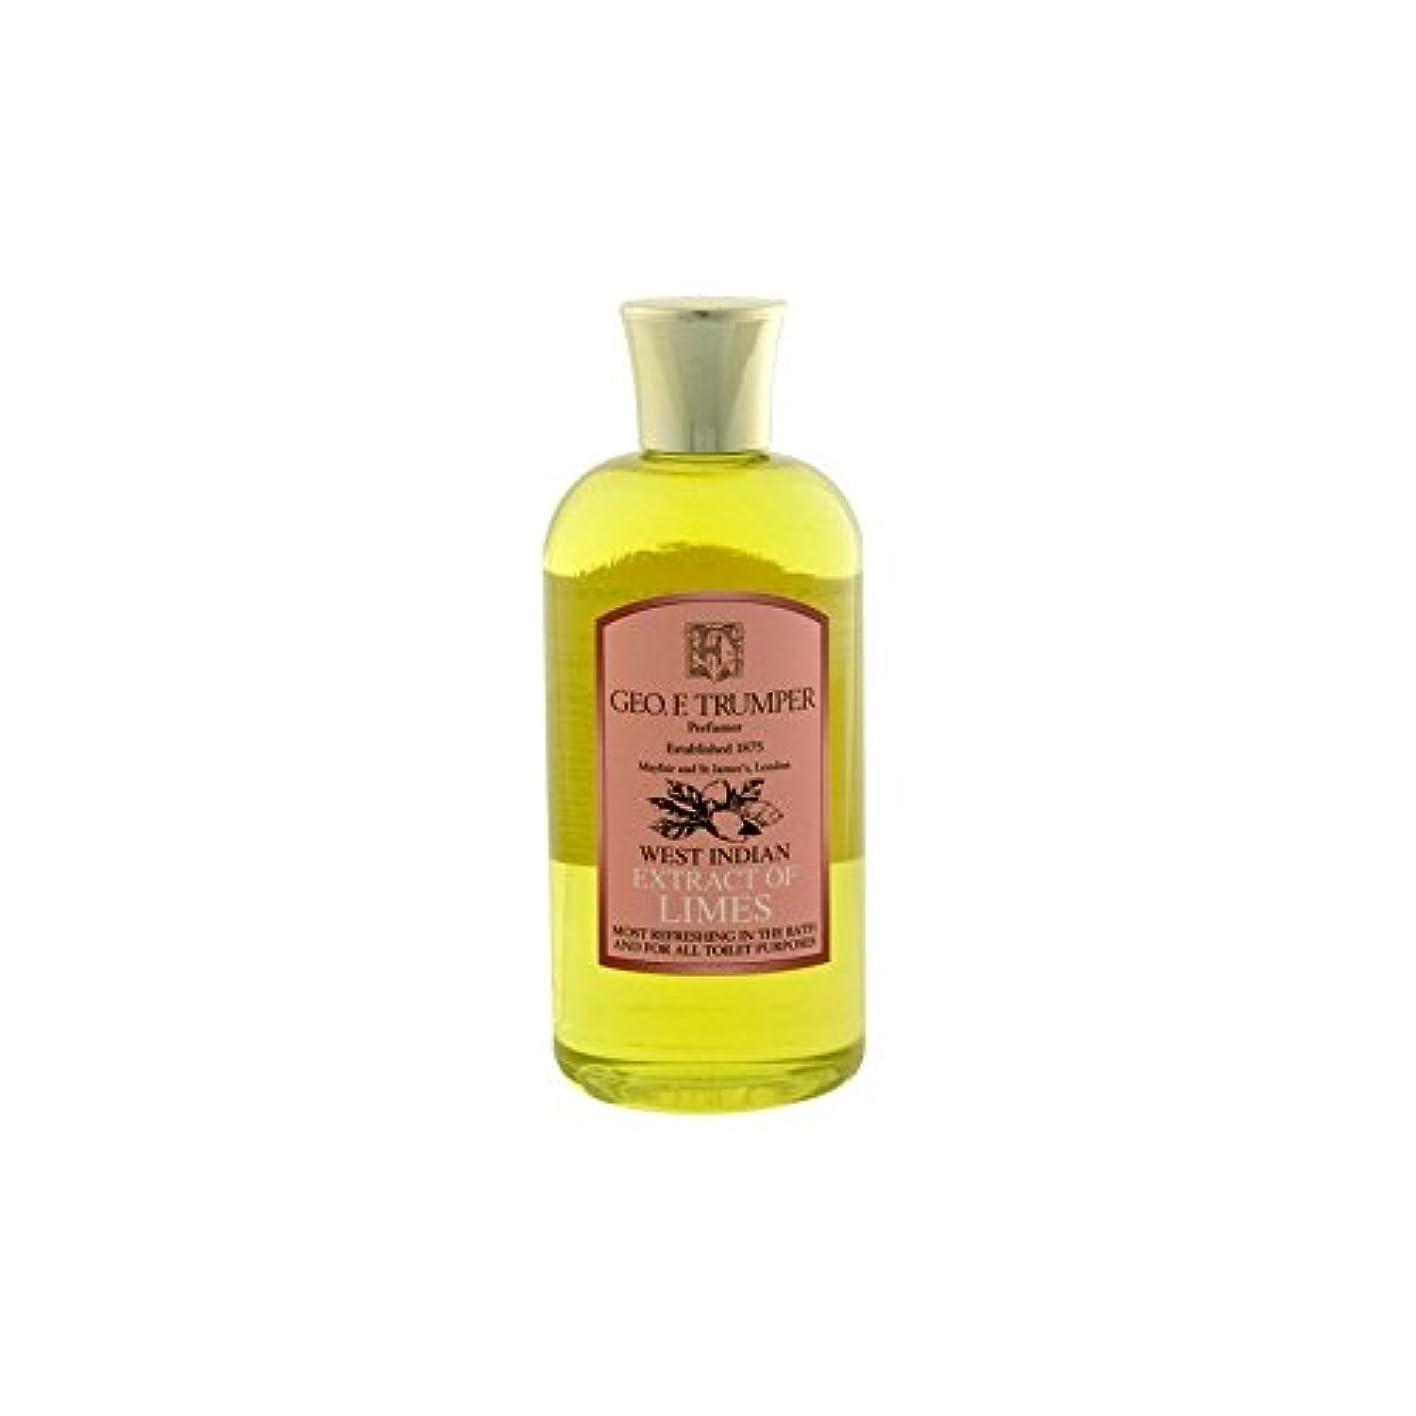 クリーク批判する美徳ライムのバス&シャワージェル - 500ミリリットル旅 x4 - Trumpers Limes Bath & Shower Gel - 500ml Travel (Pack of 4) [並行輸入品]